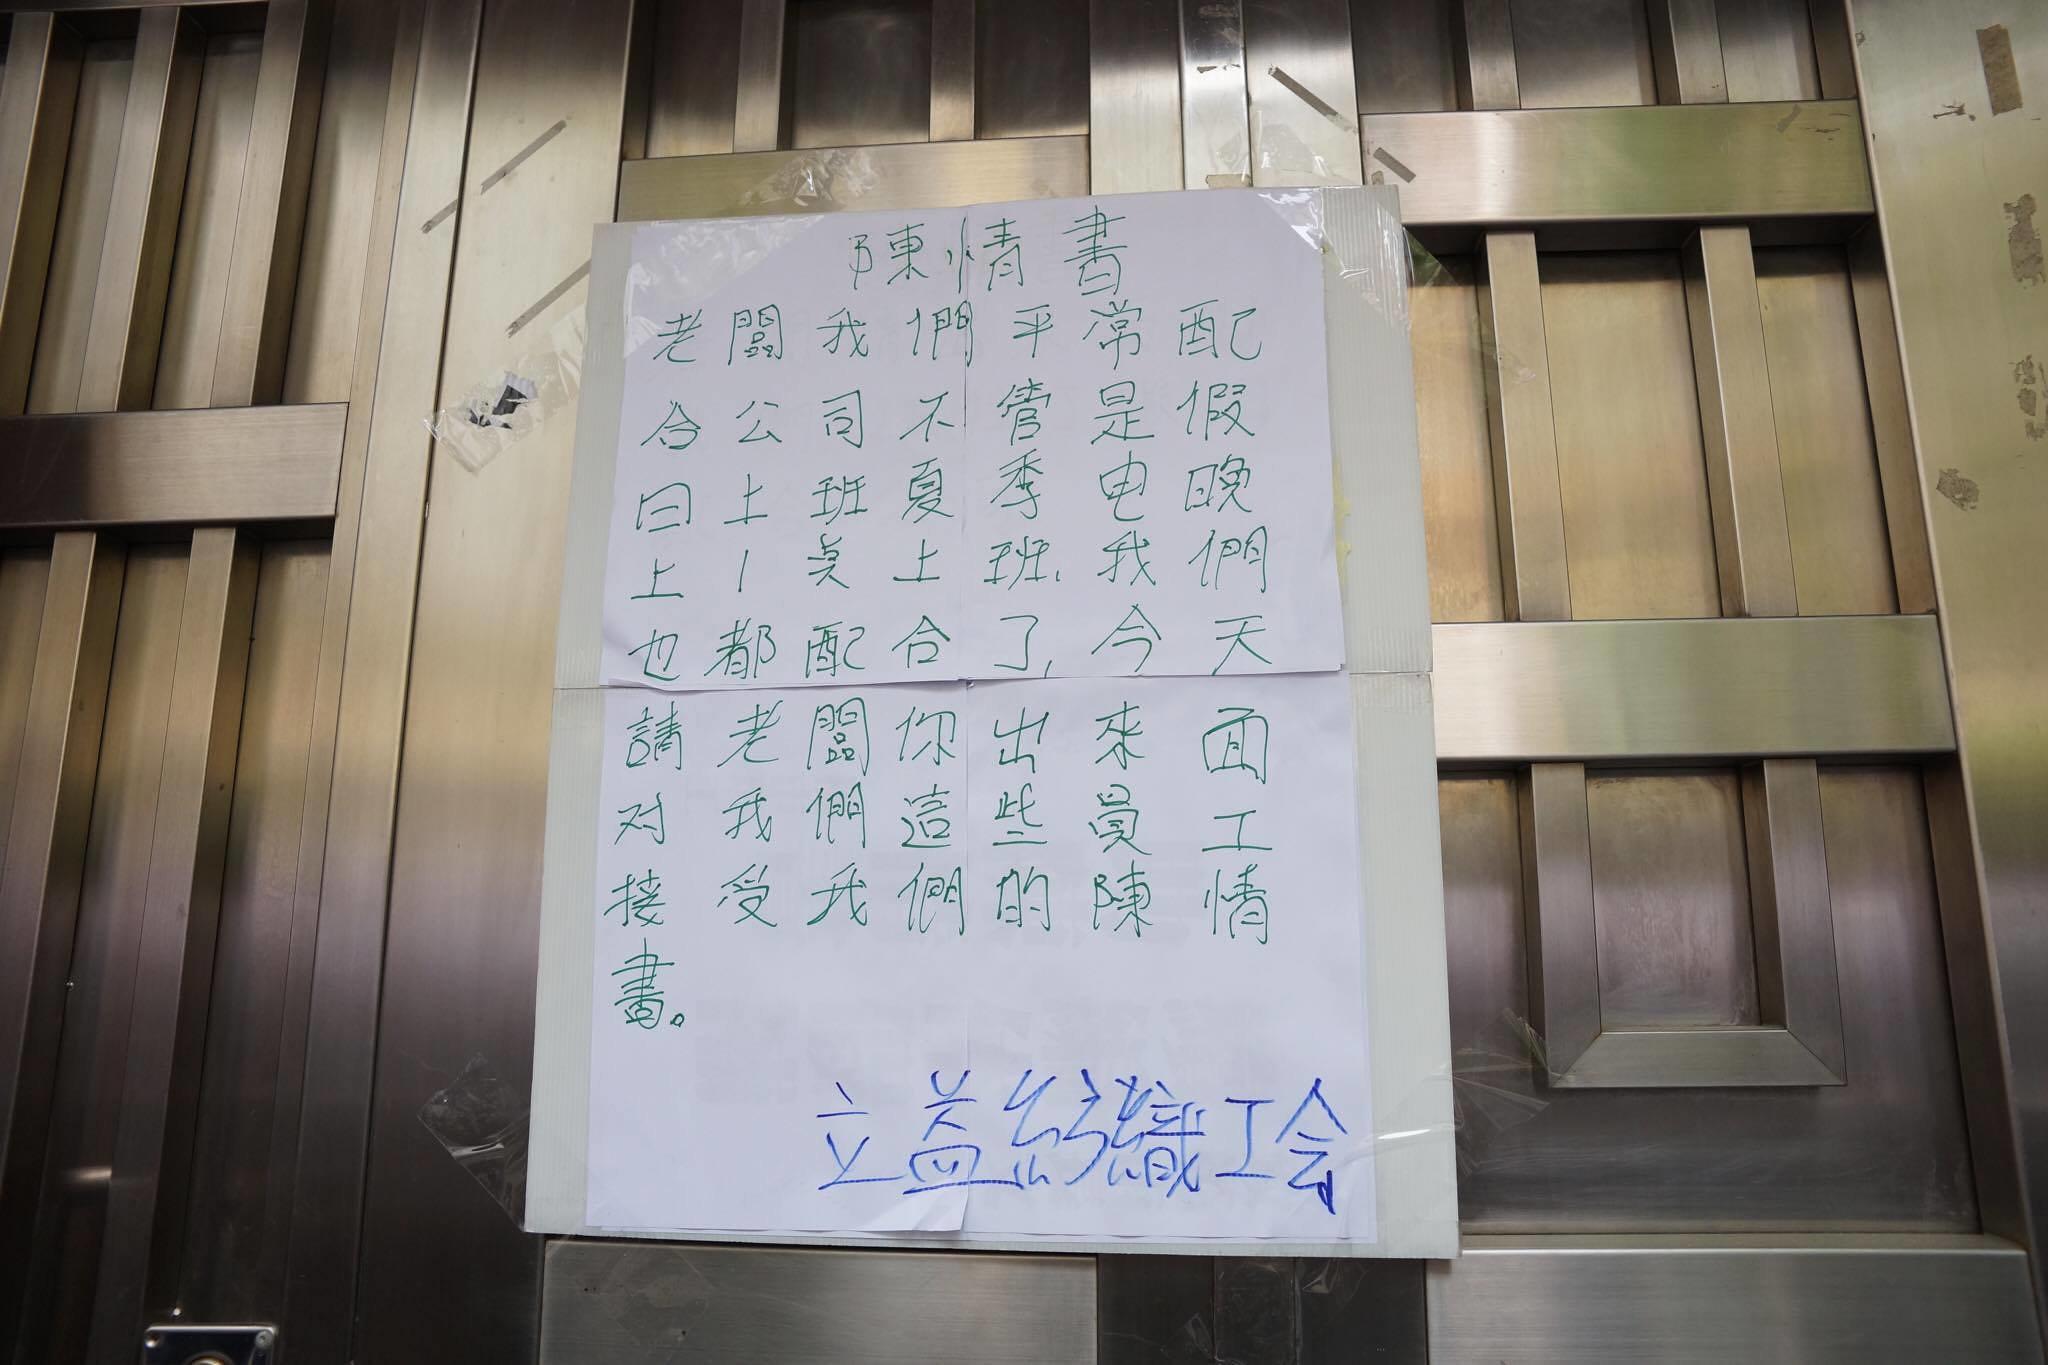 因在蘇東榮家前久候無回音,工會將陳情書張貼在大門,返回桃園絕食棚。(攝影:王顥中)